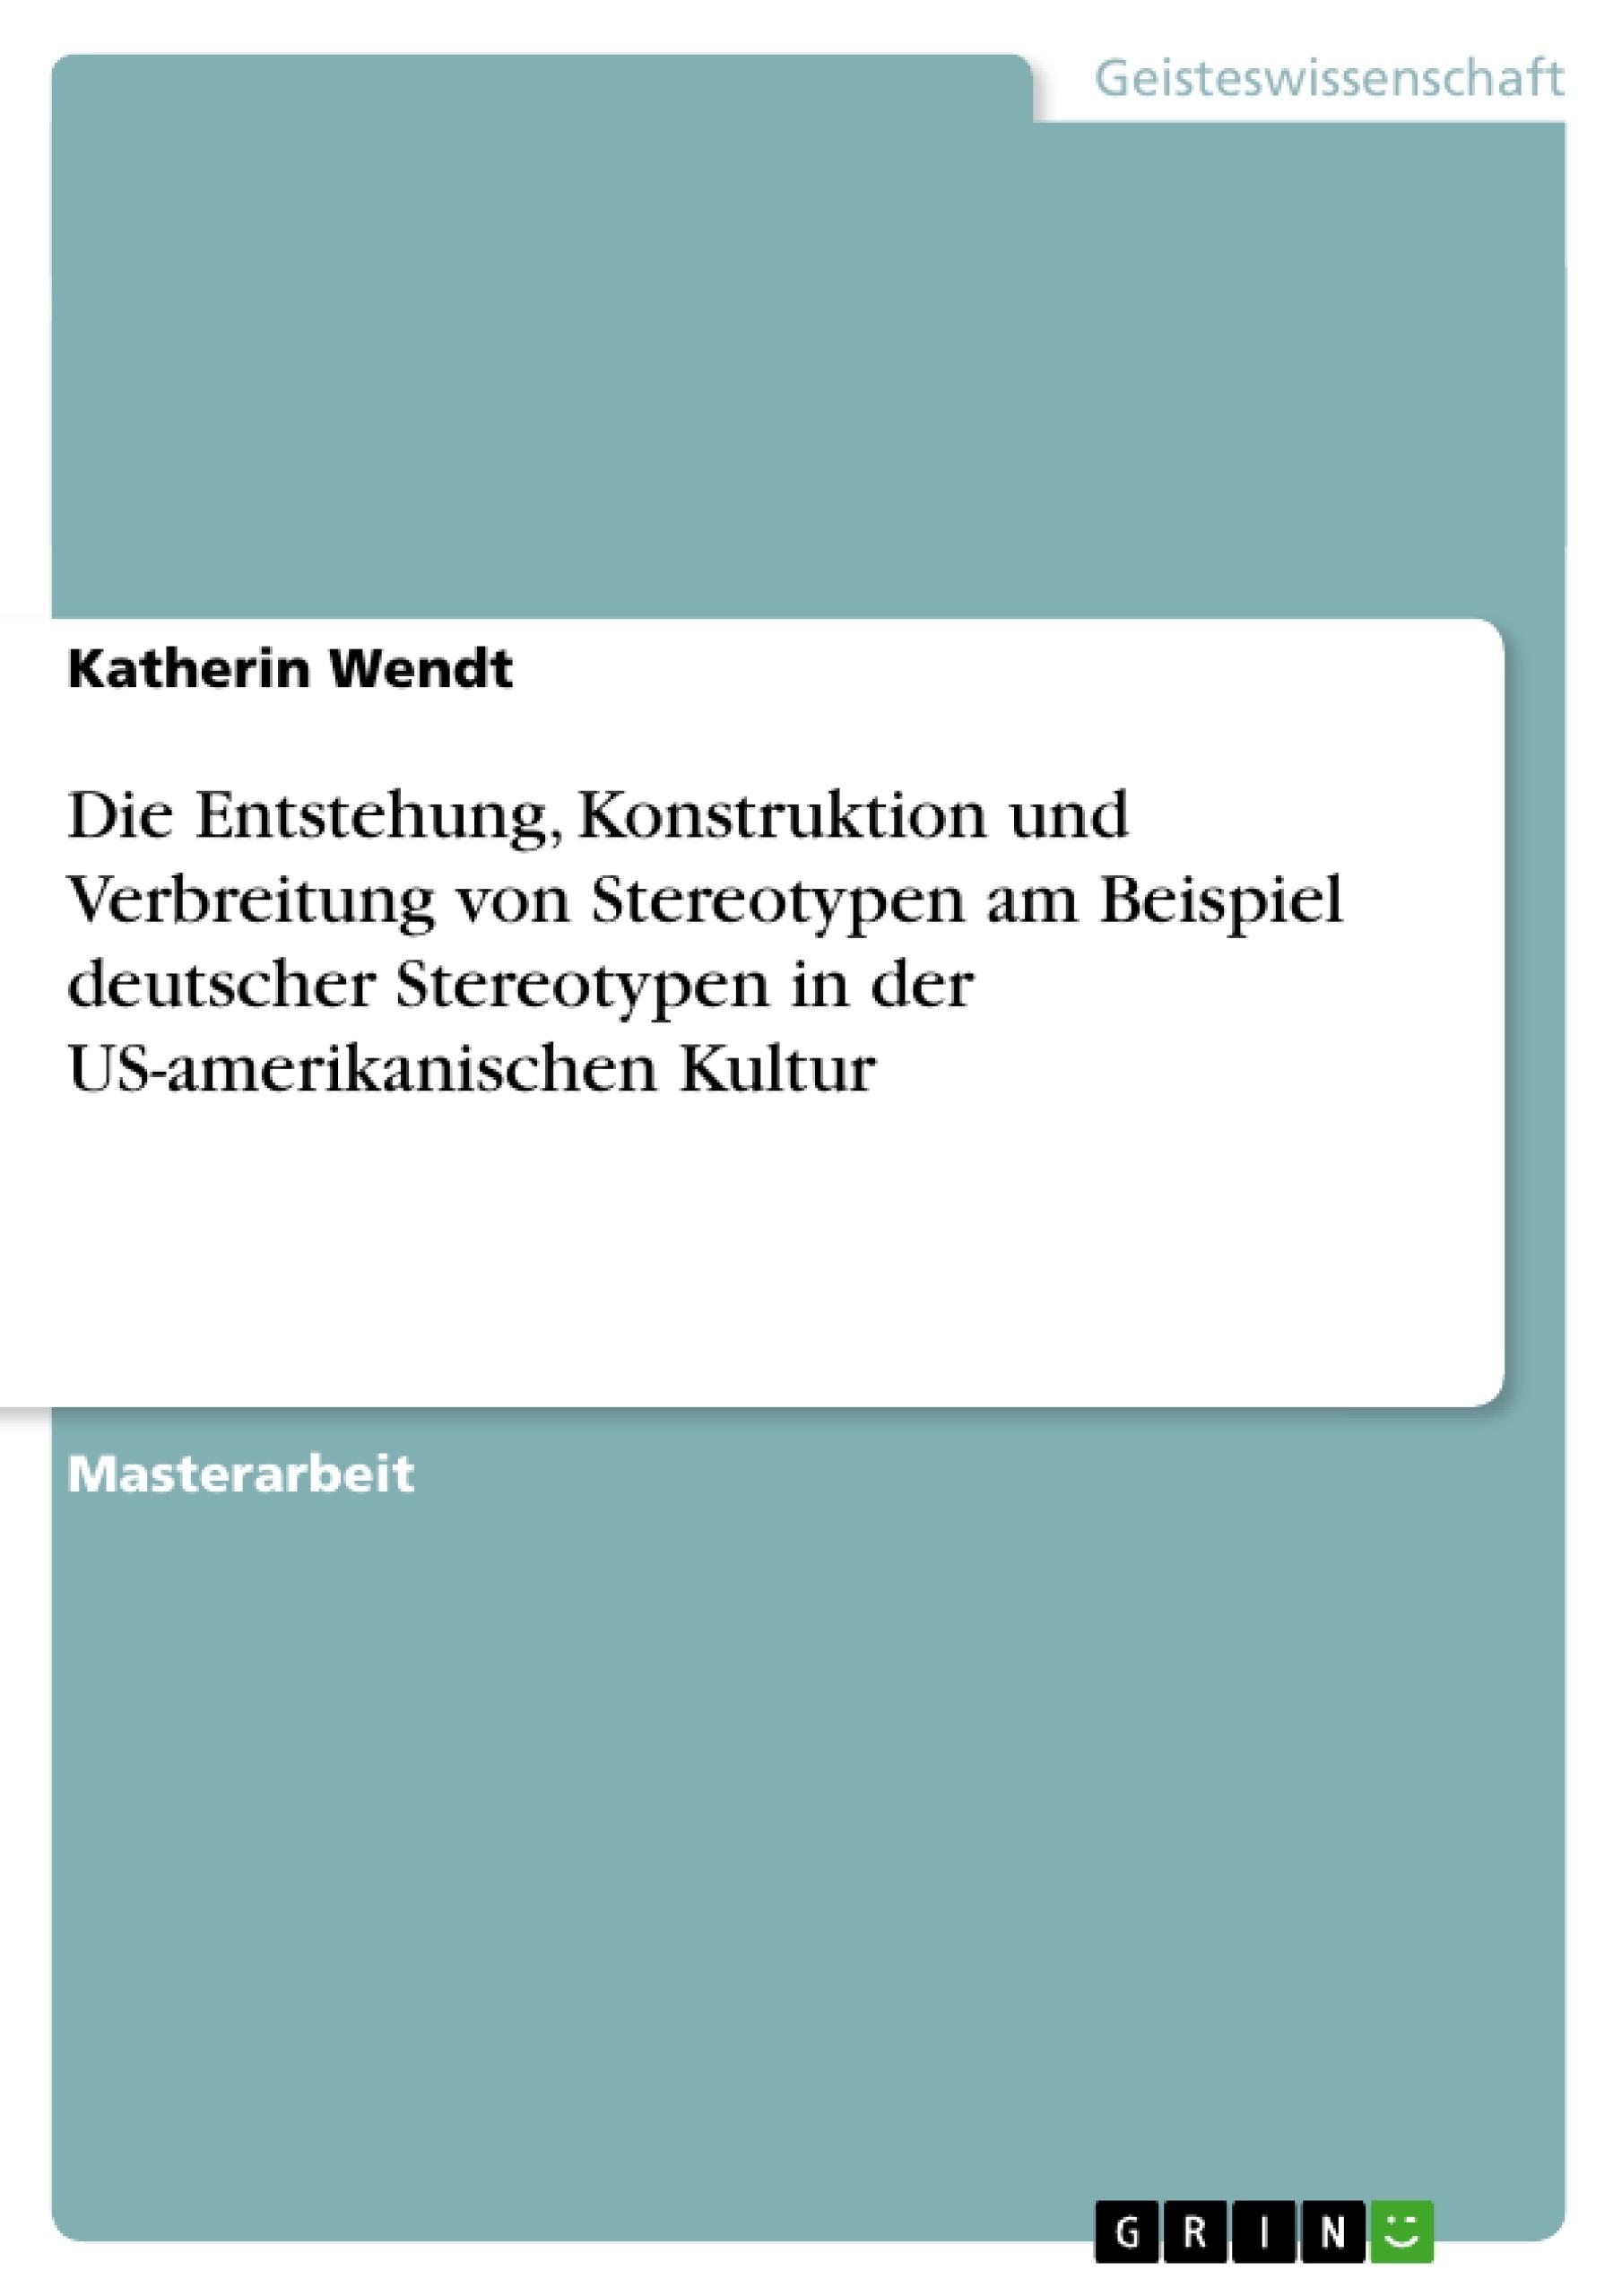 Titel: Die Entstehung, Konstruktion und Verbreitung von  Stereotypen am Beispiel deutscher Stereotypen in der US-amerikanischen Kultur